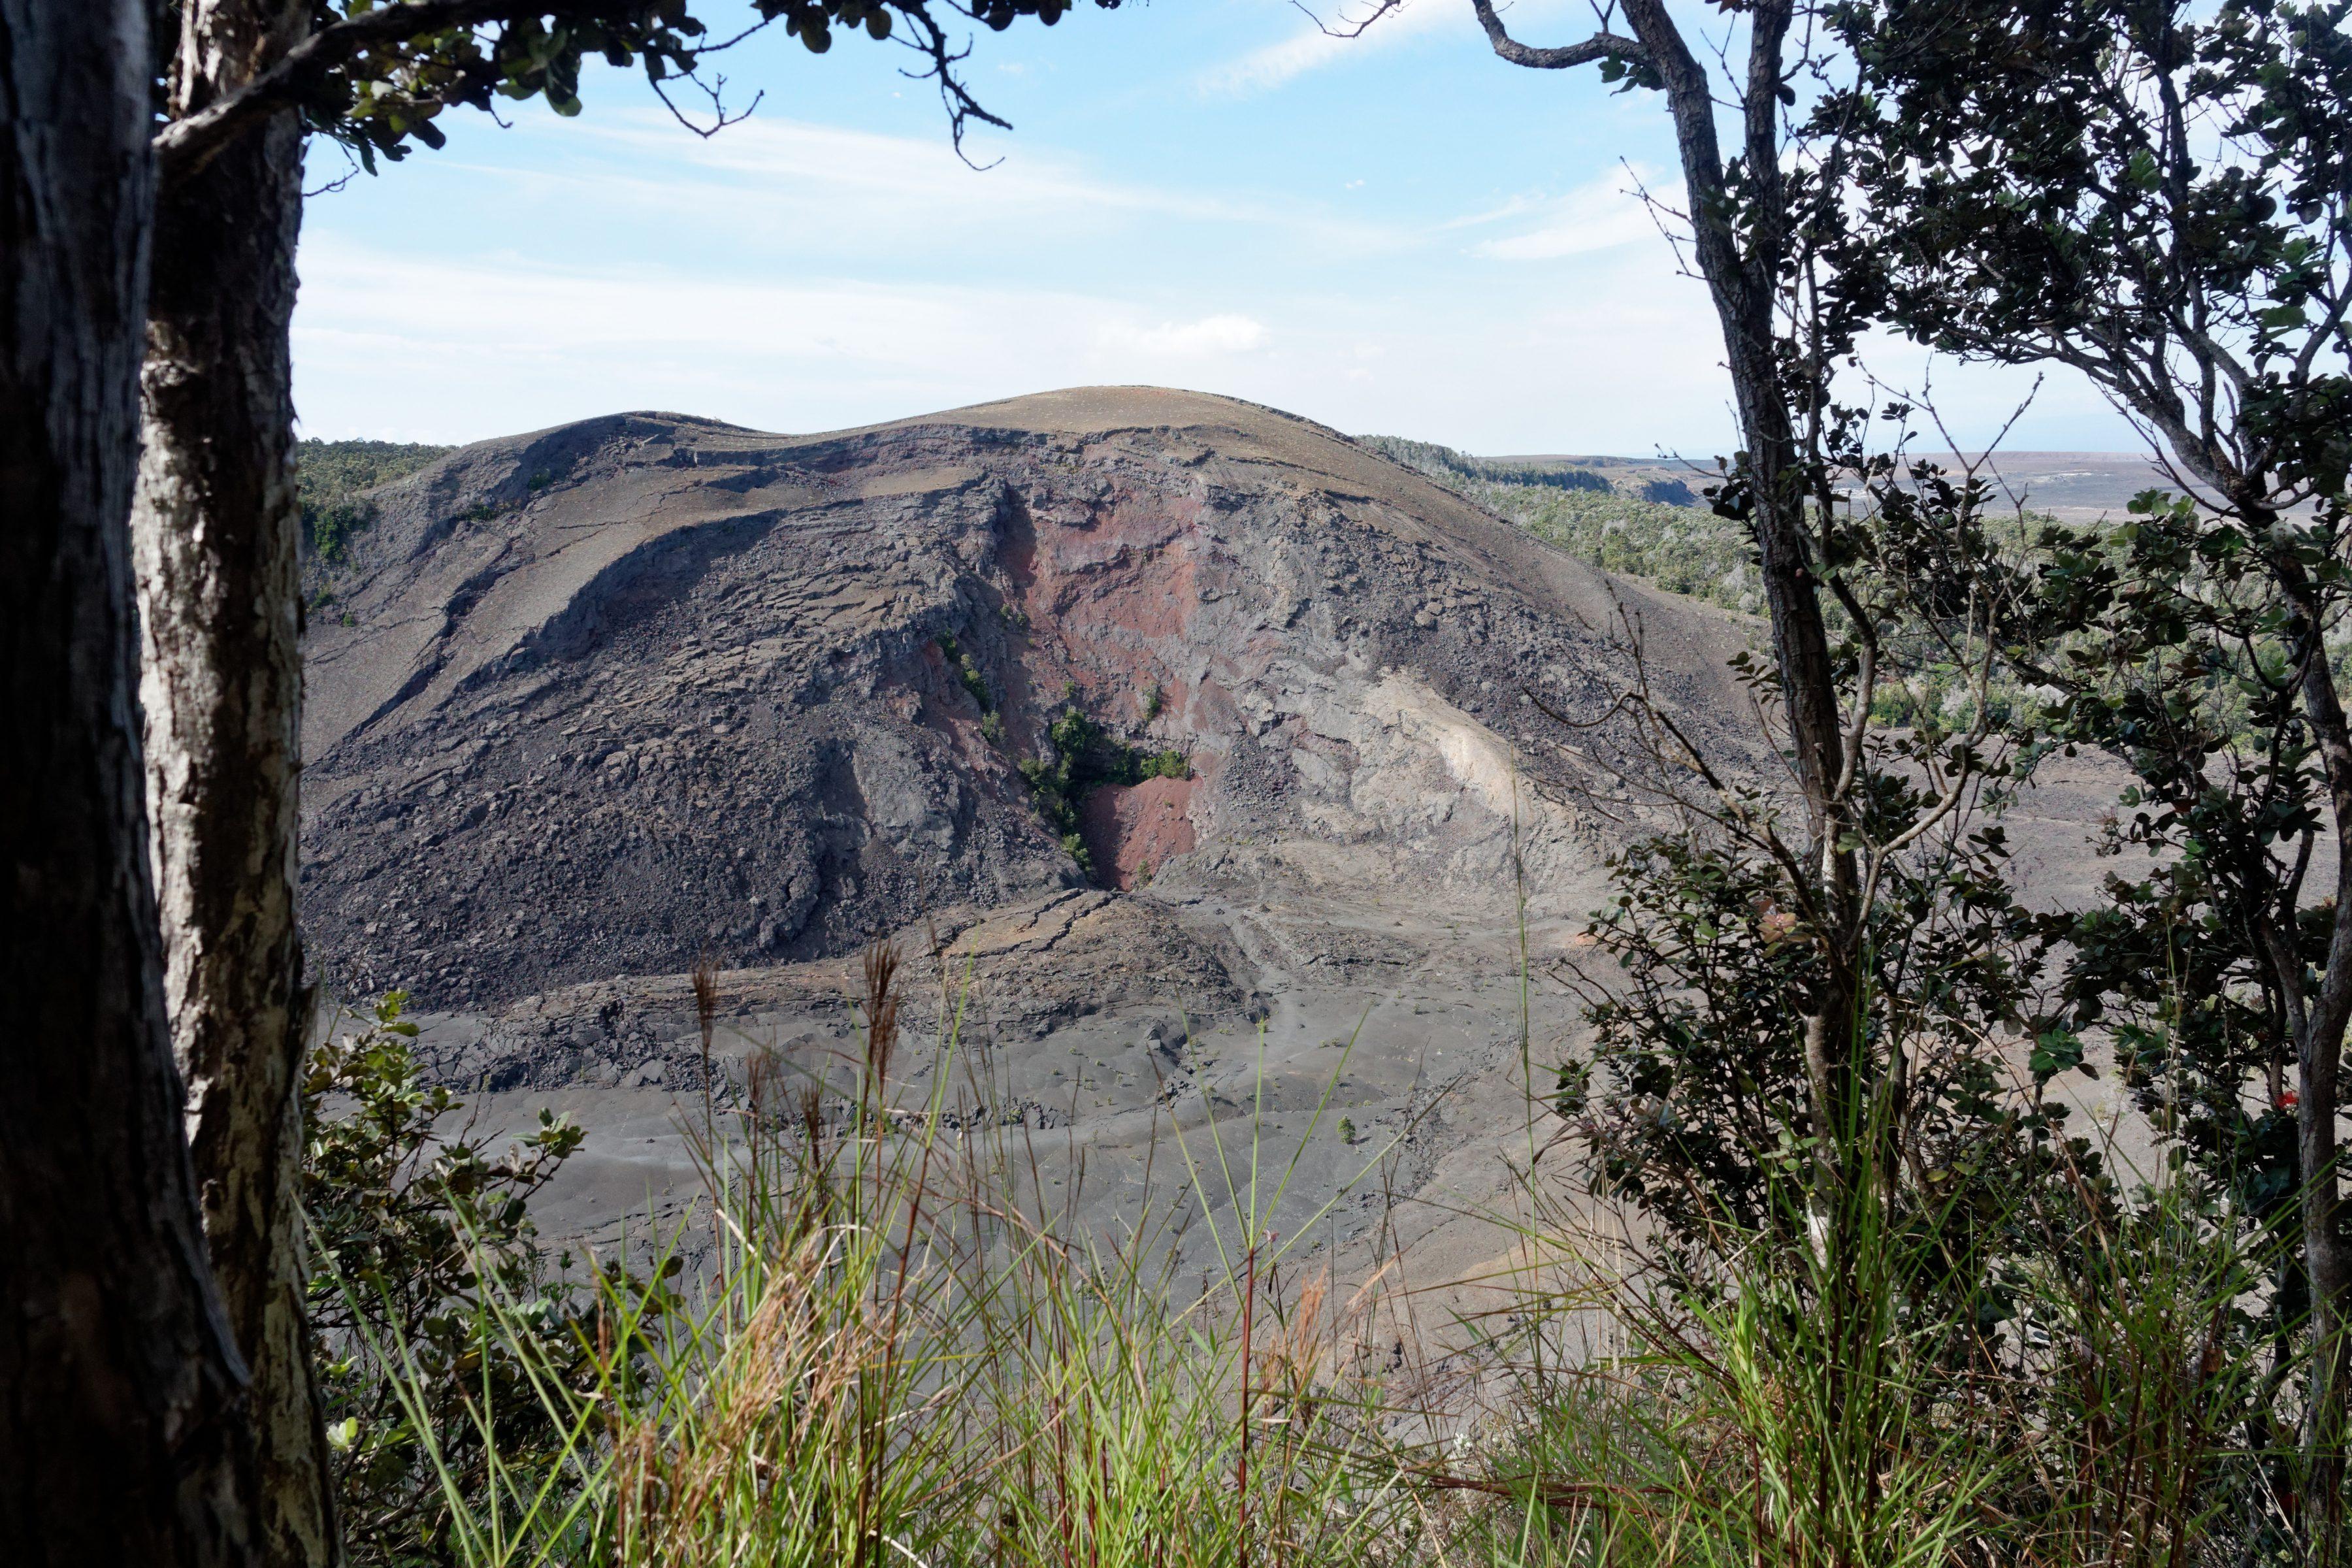 Le cône de scories de l'éruption de 1959 du Kilauea Iki